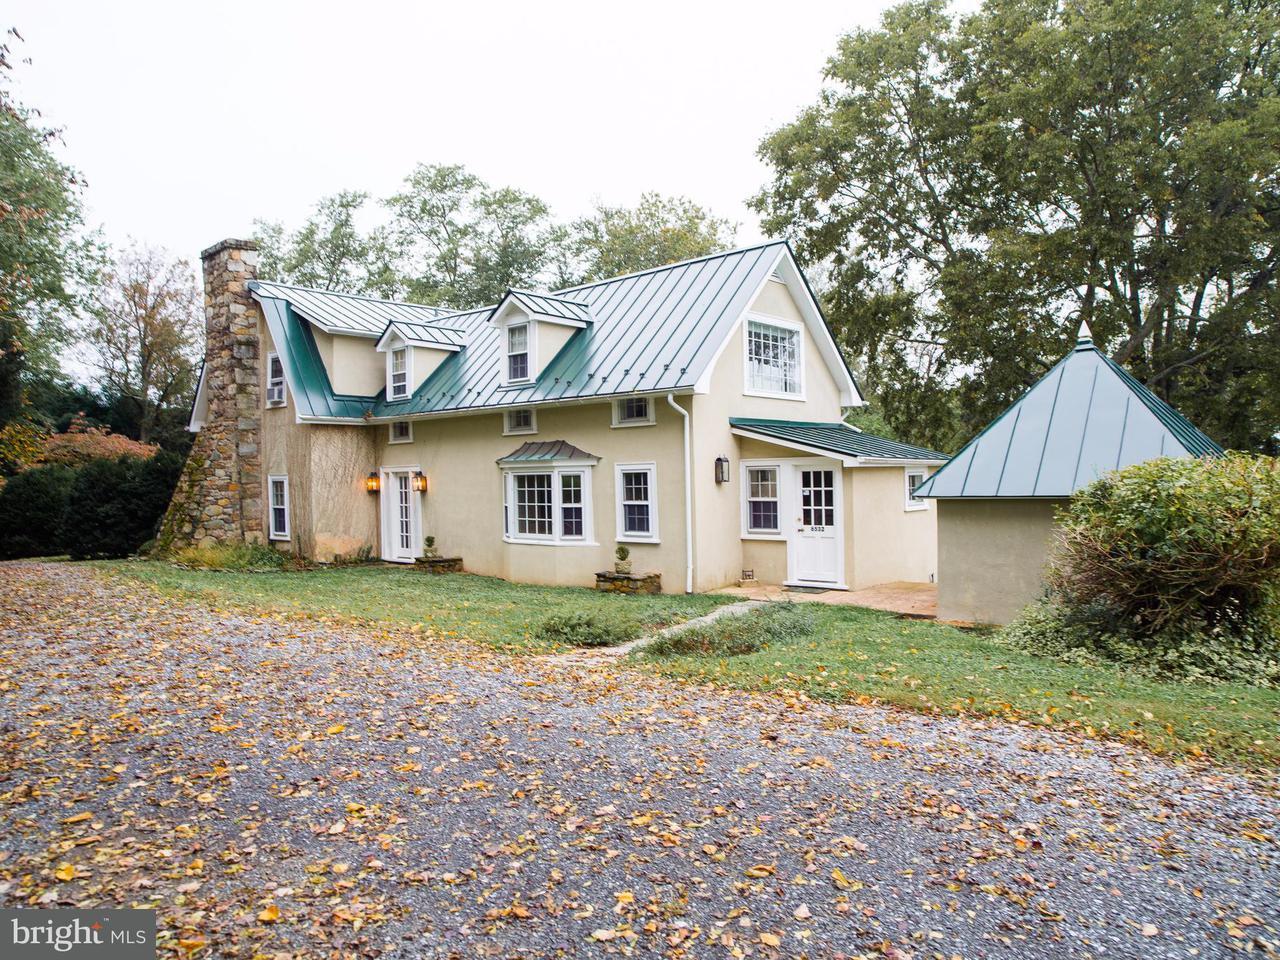 단독 가정 주택 용 매매 에 6532 CRUMMEYS RUN Lane 6532 CRUMMEYS RUN Lane Middleburg, 버지니아 20117 미국